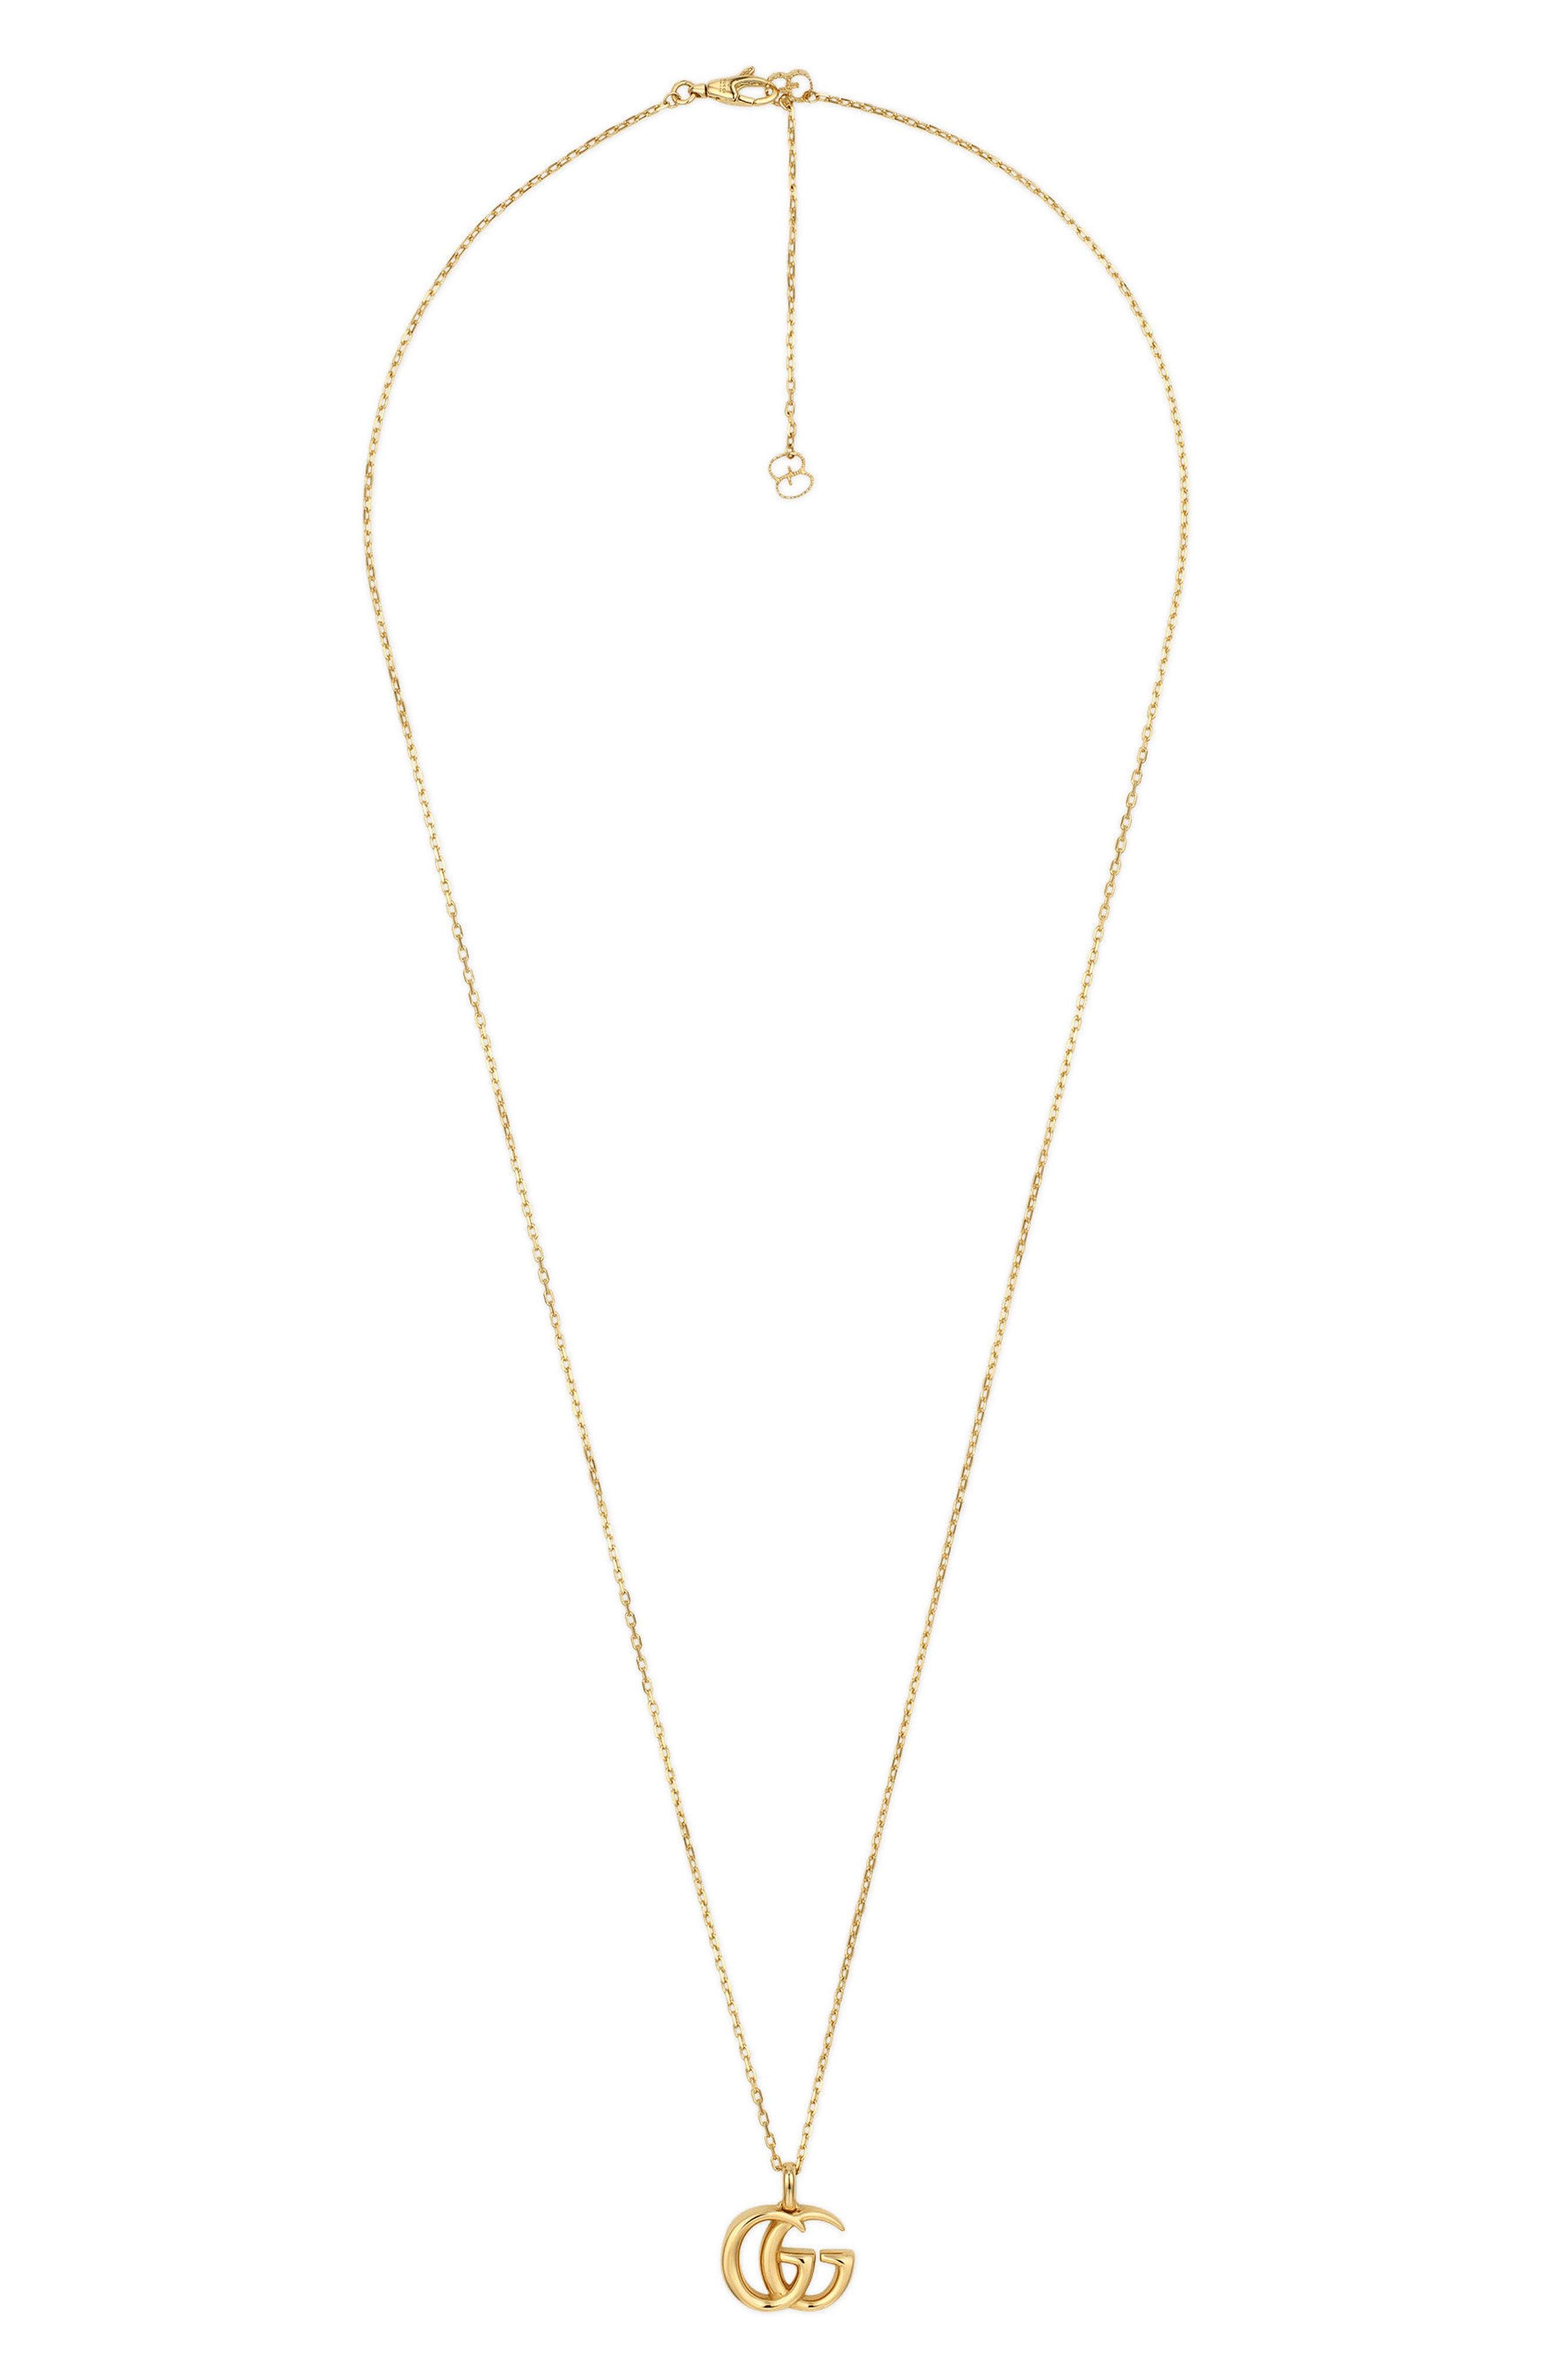 Double-G Pendant Necklace,                         Main,                         color, 710